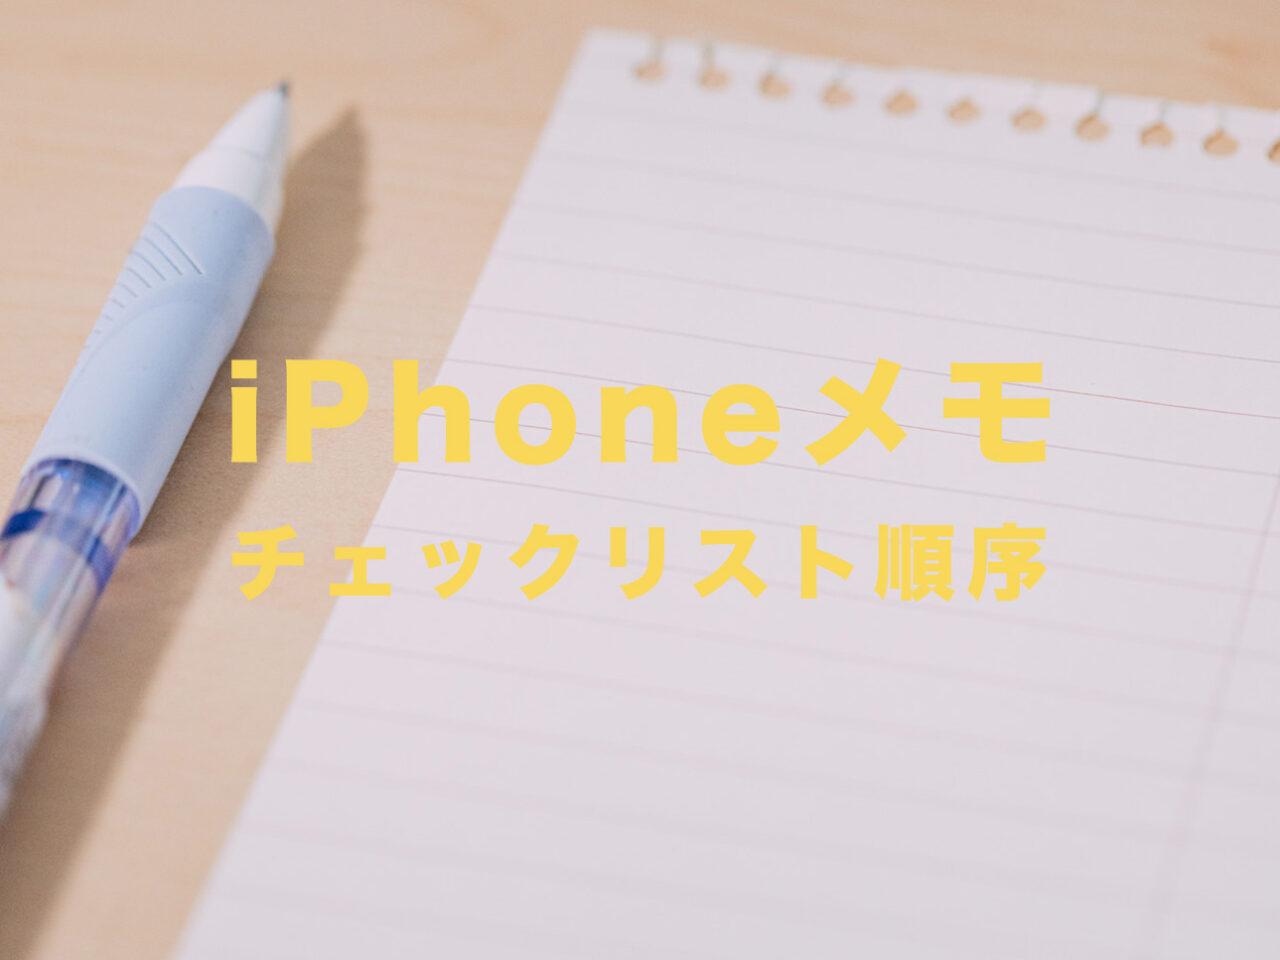 iPhoneのメモアプリでチェックリストを並び替えるやり方は?【iOS標準】のサムネイル画像